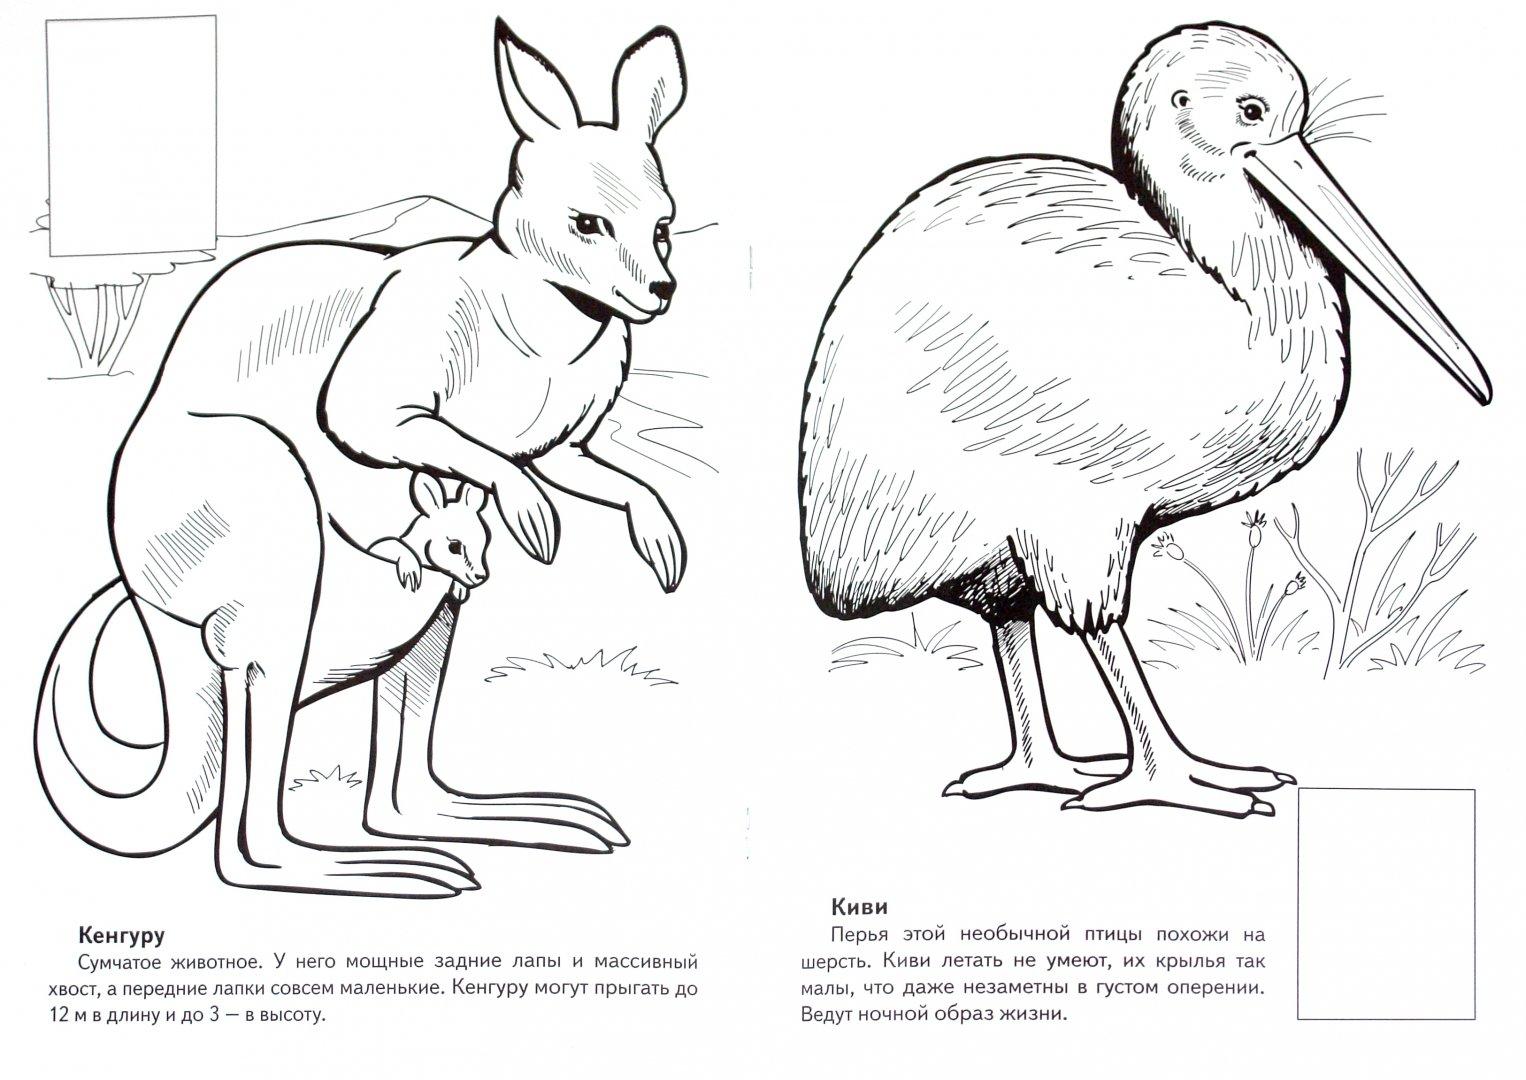 Рисунки животных которые занесены в красную книгу россии элегантный, является